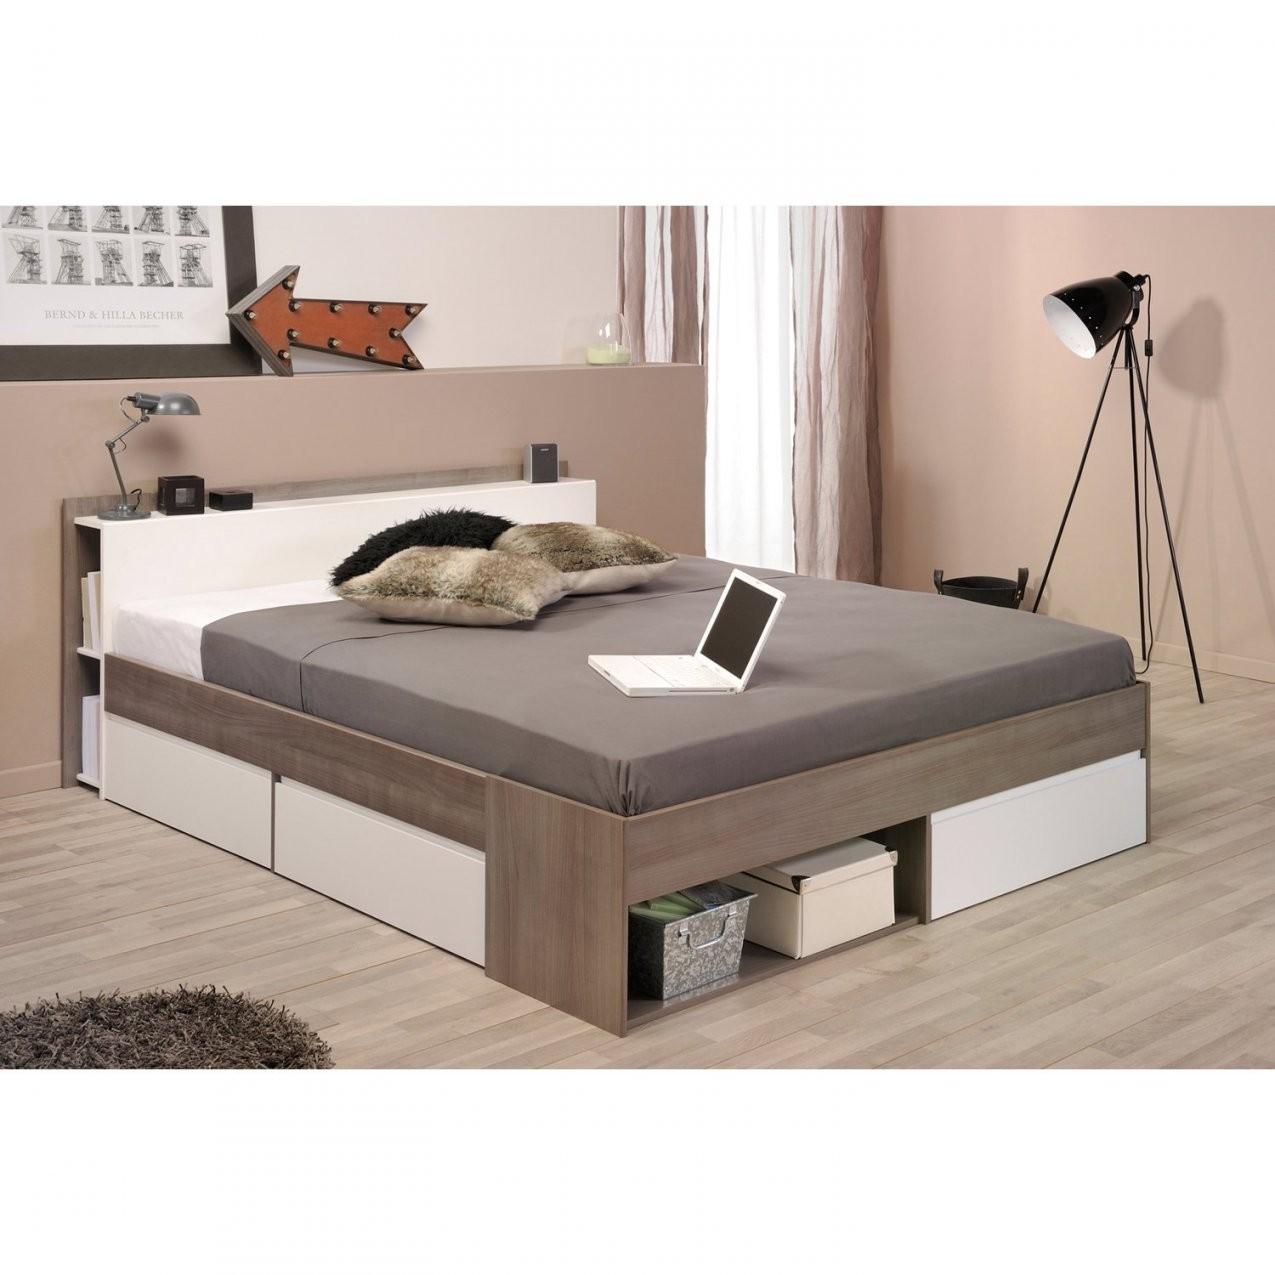 Bett Online Kaufen Bei Obi von Bett Sonoma Eiche 160X200 Photo